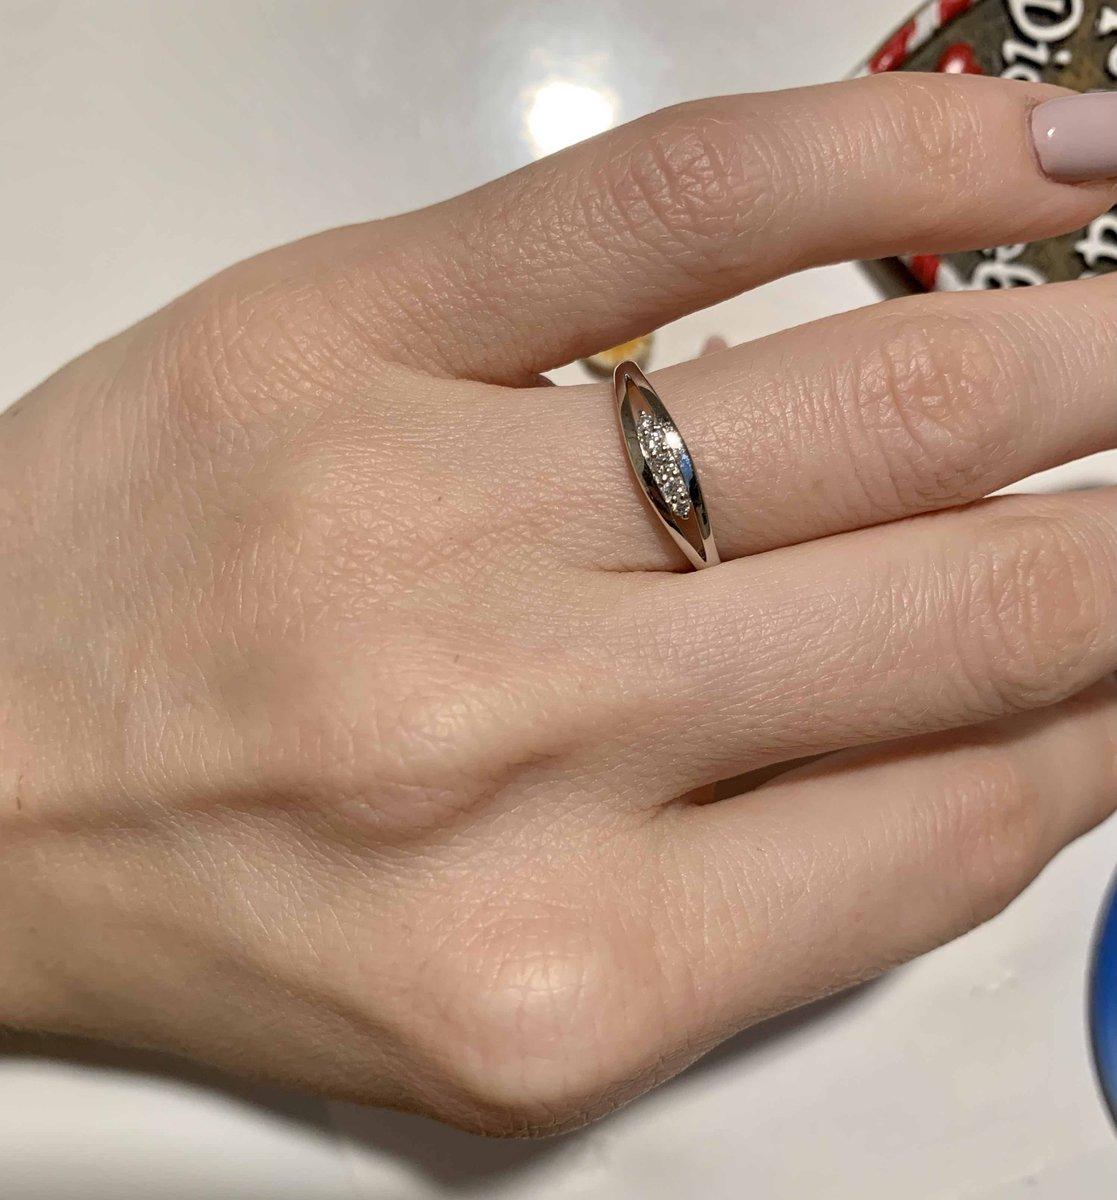 Безумно красивое сверкающее кольцо